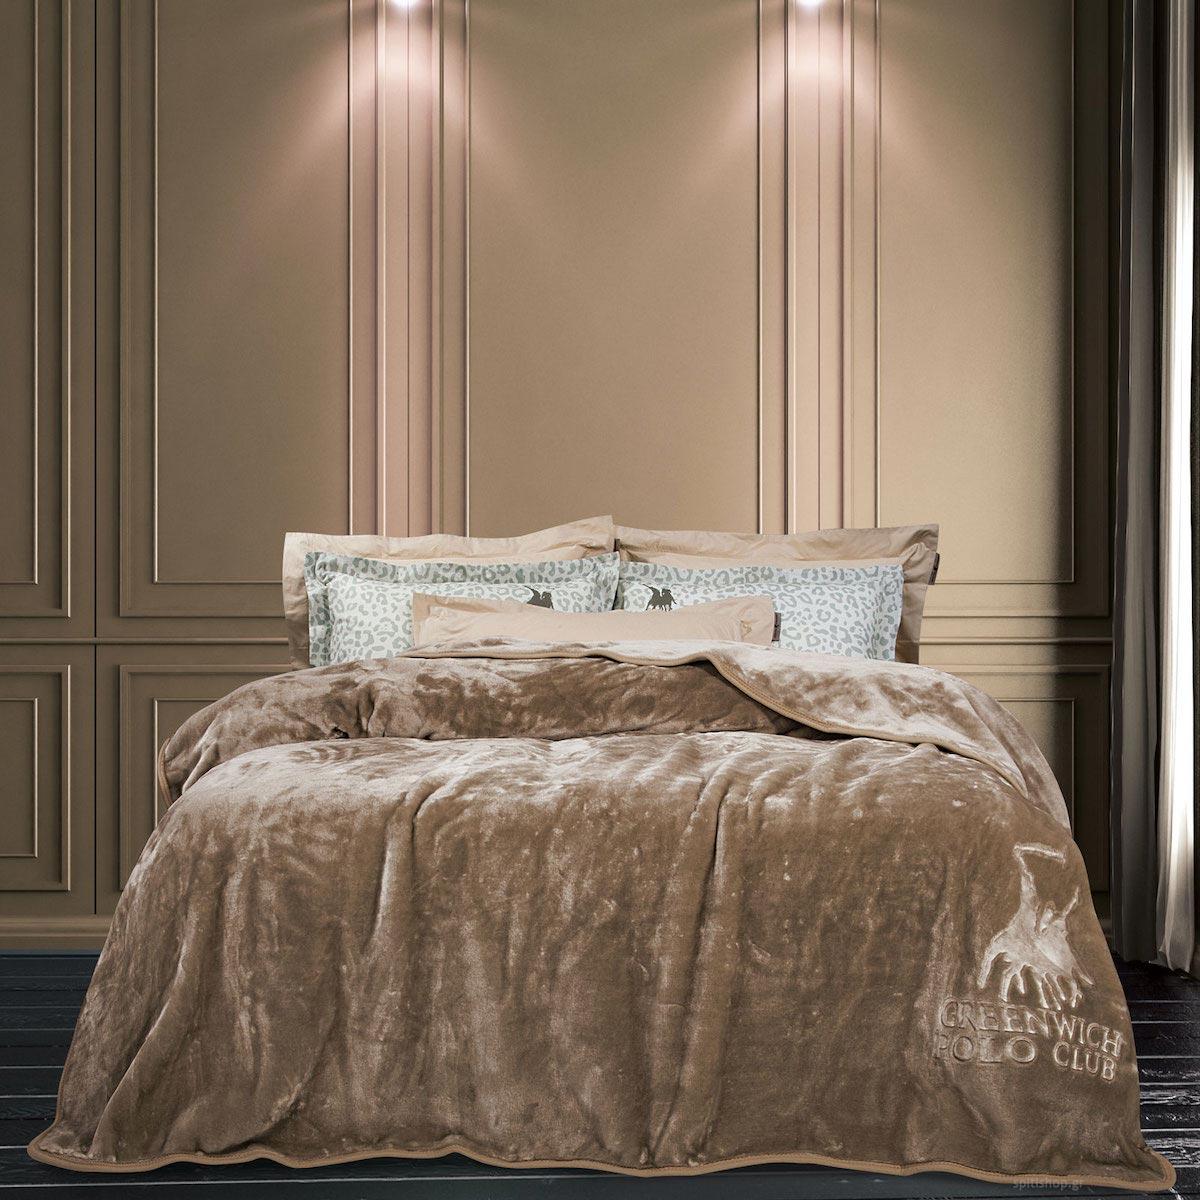 Κουβέρτα Βελουτέ Μονή Greenwich Polo Club Blanket 2452 Σπαγγί